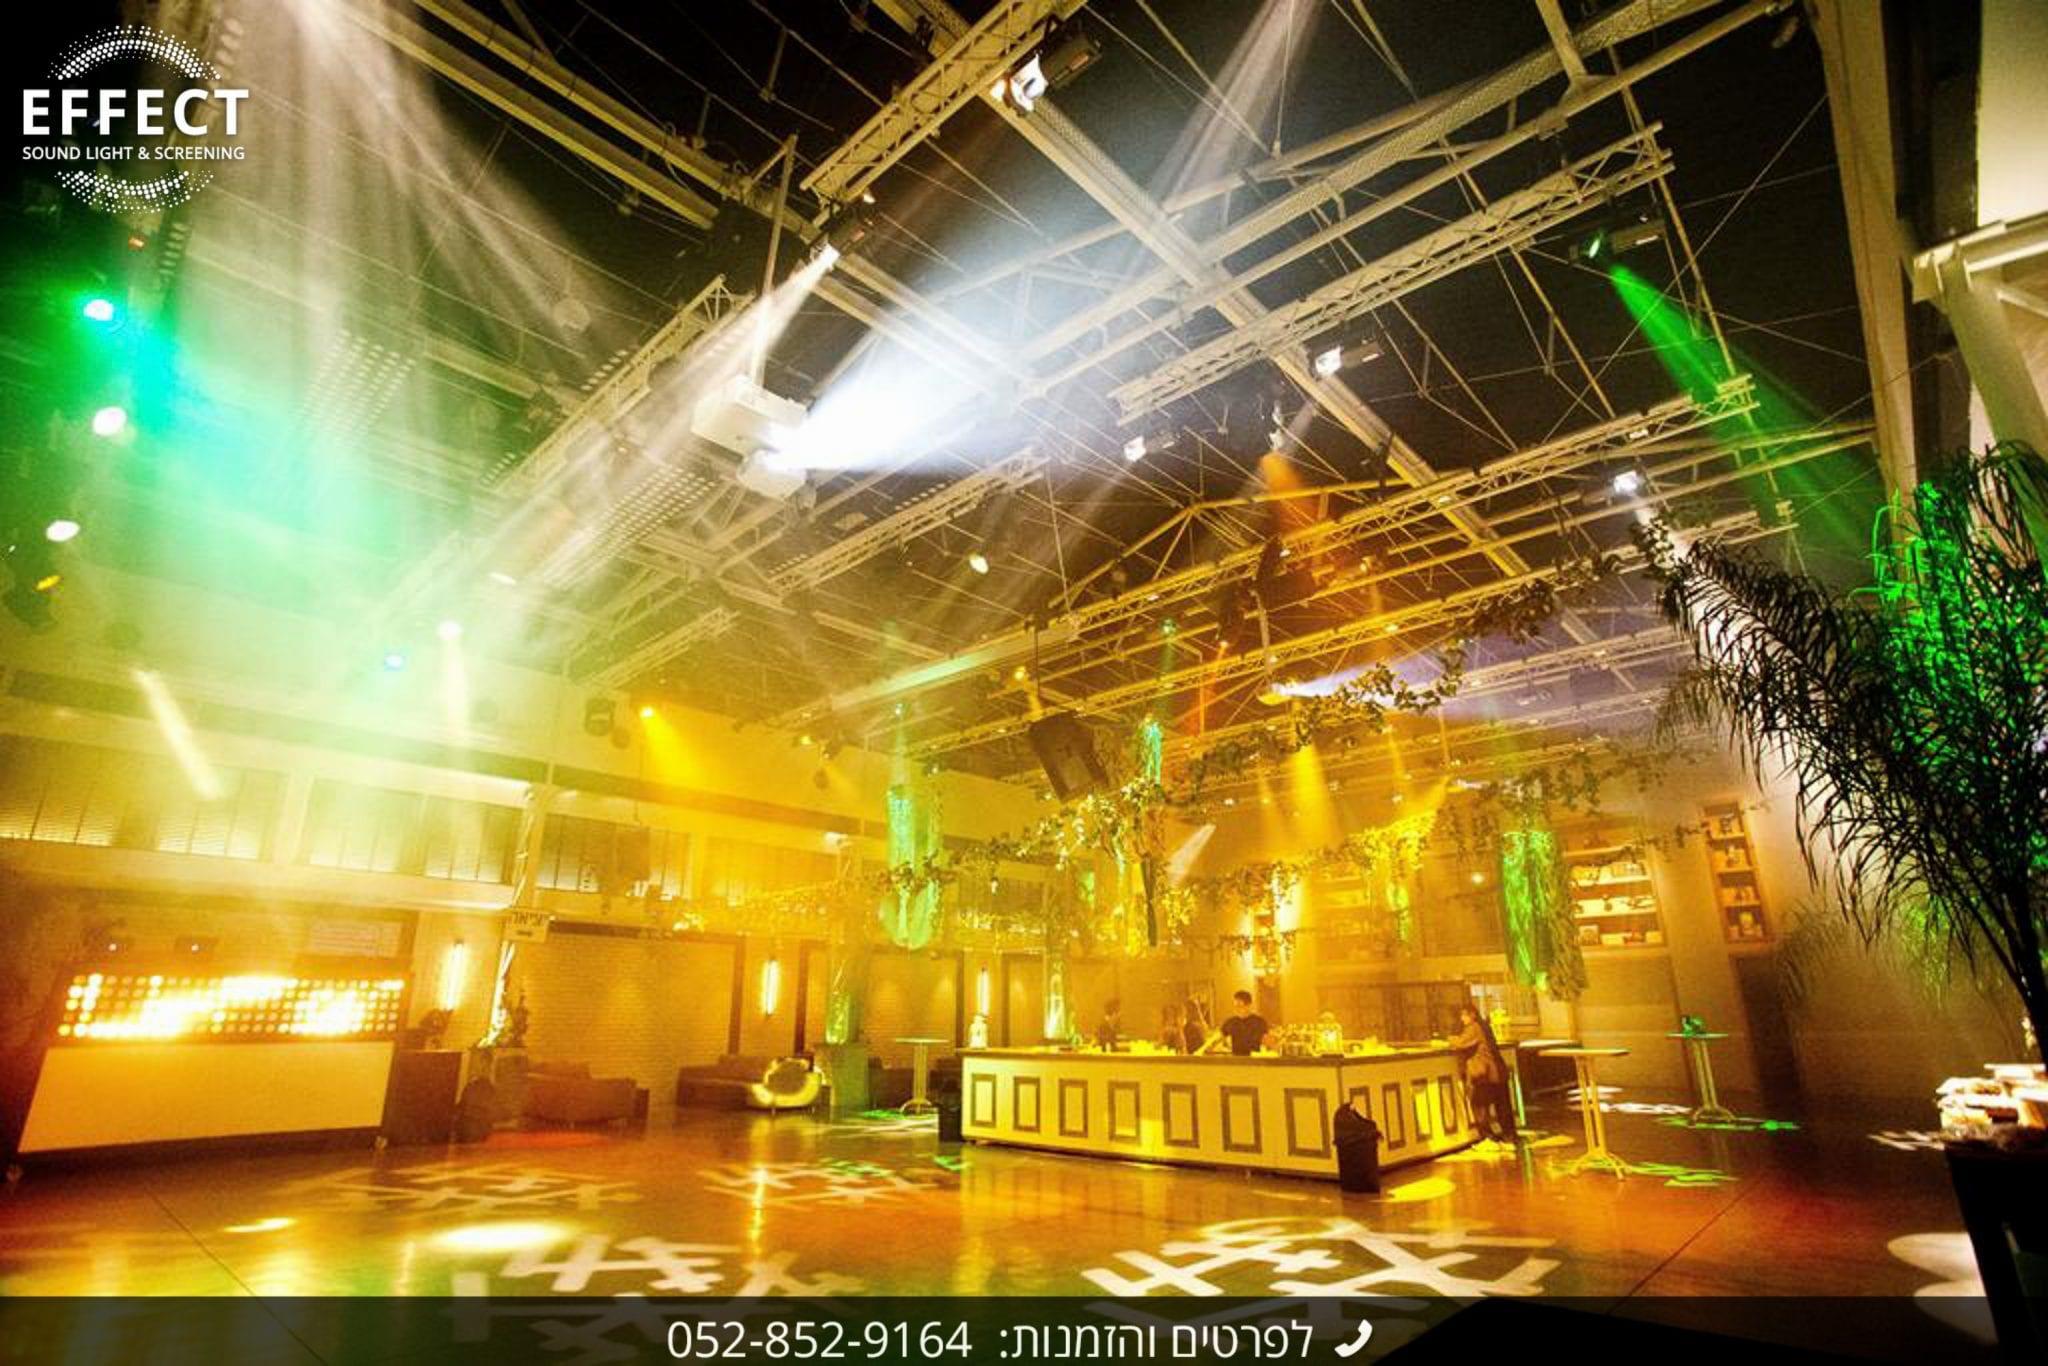 תאורה למסיבות